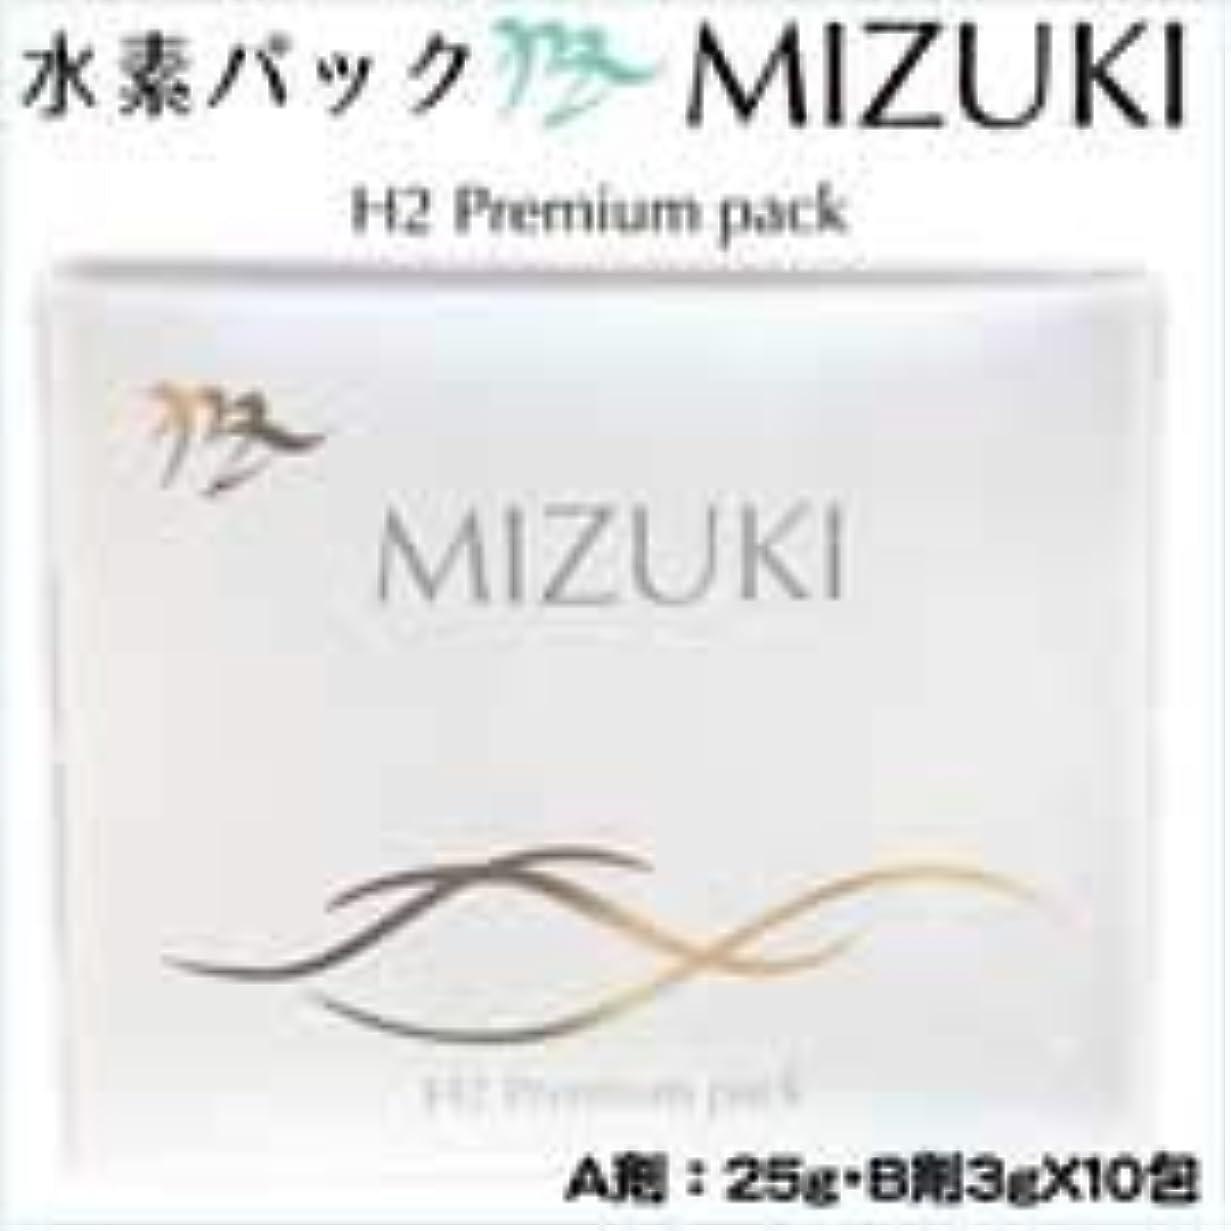 浴室日常的に緩めるMIZUKI H2 Premium pack ミズキ プレミアムパック A剤:25g、B剤:3gX10包 スパチュラ付き